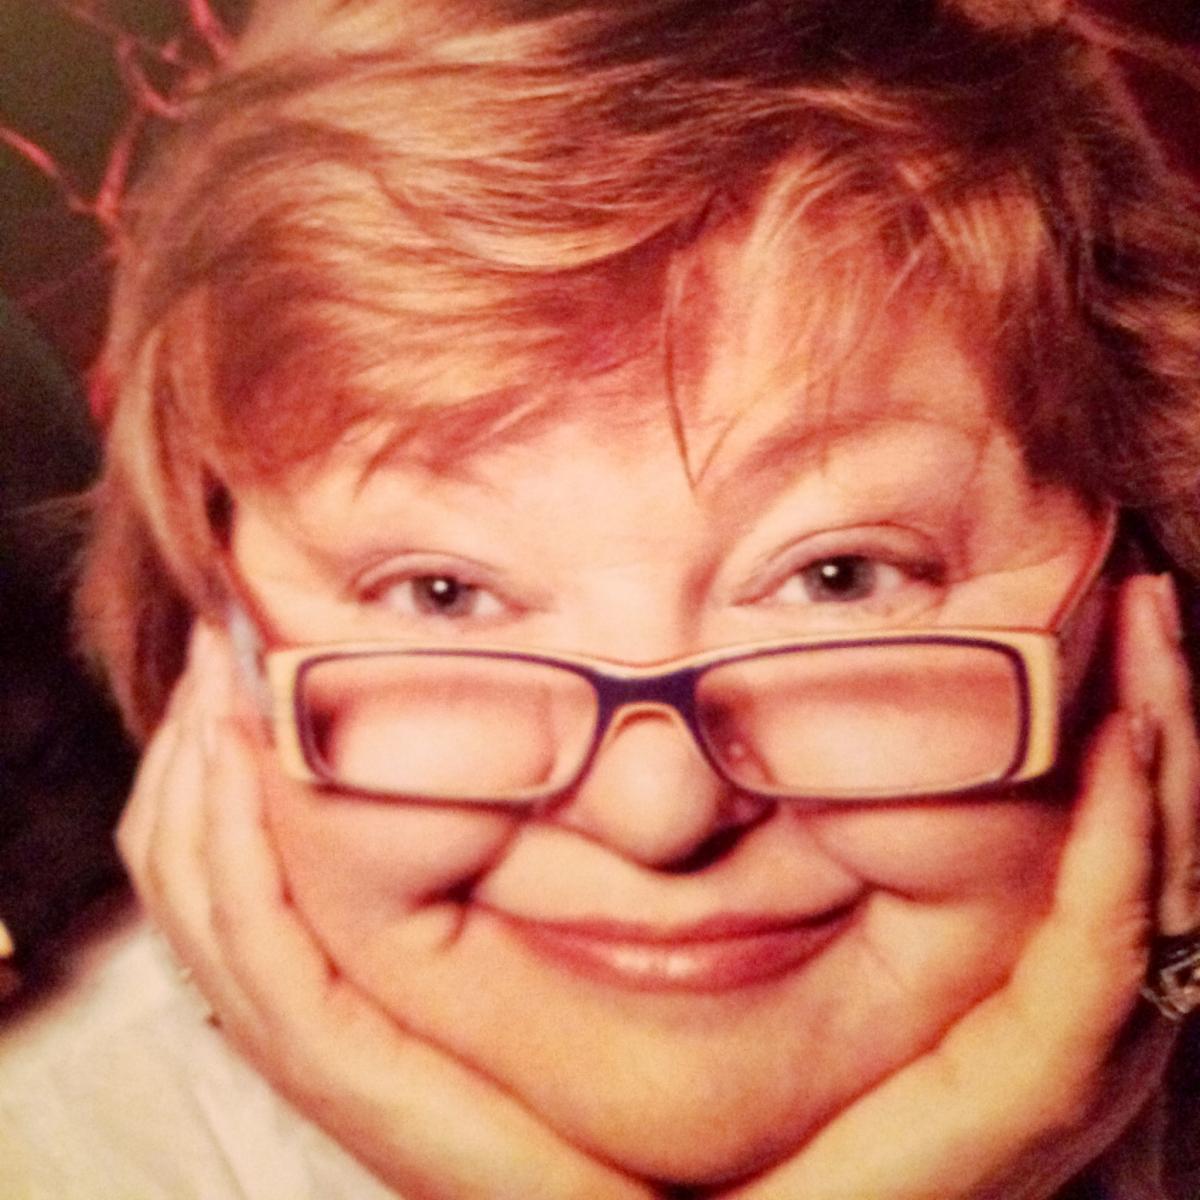 Ирина Токарчук скончалась сегодня, 25 января / фото Facebook Ирины Токарчук